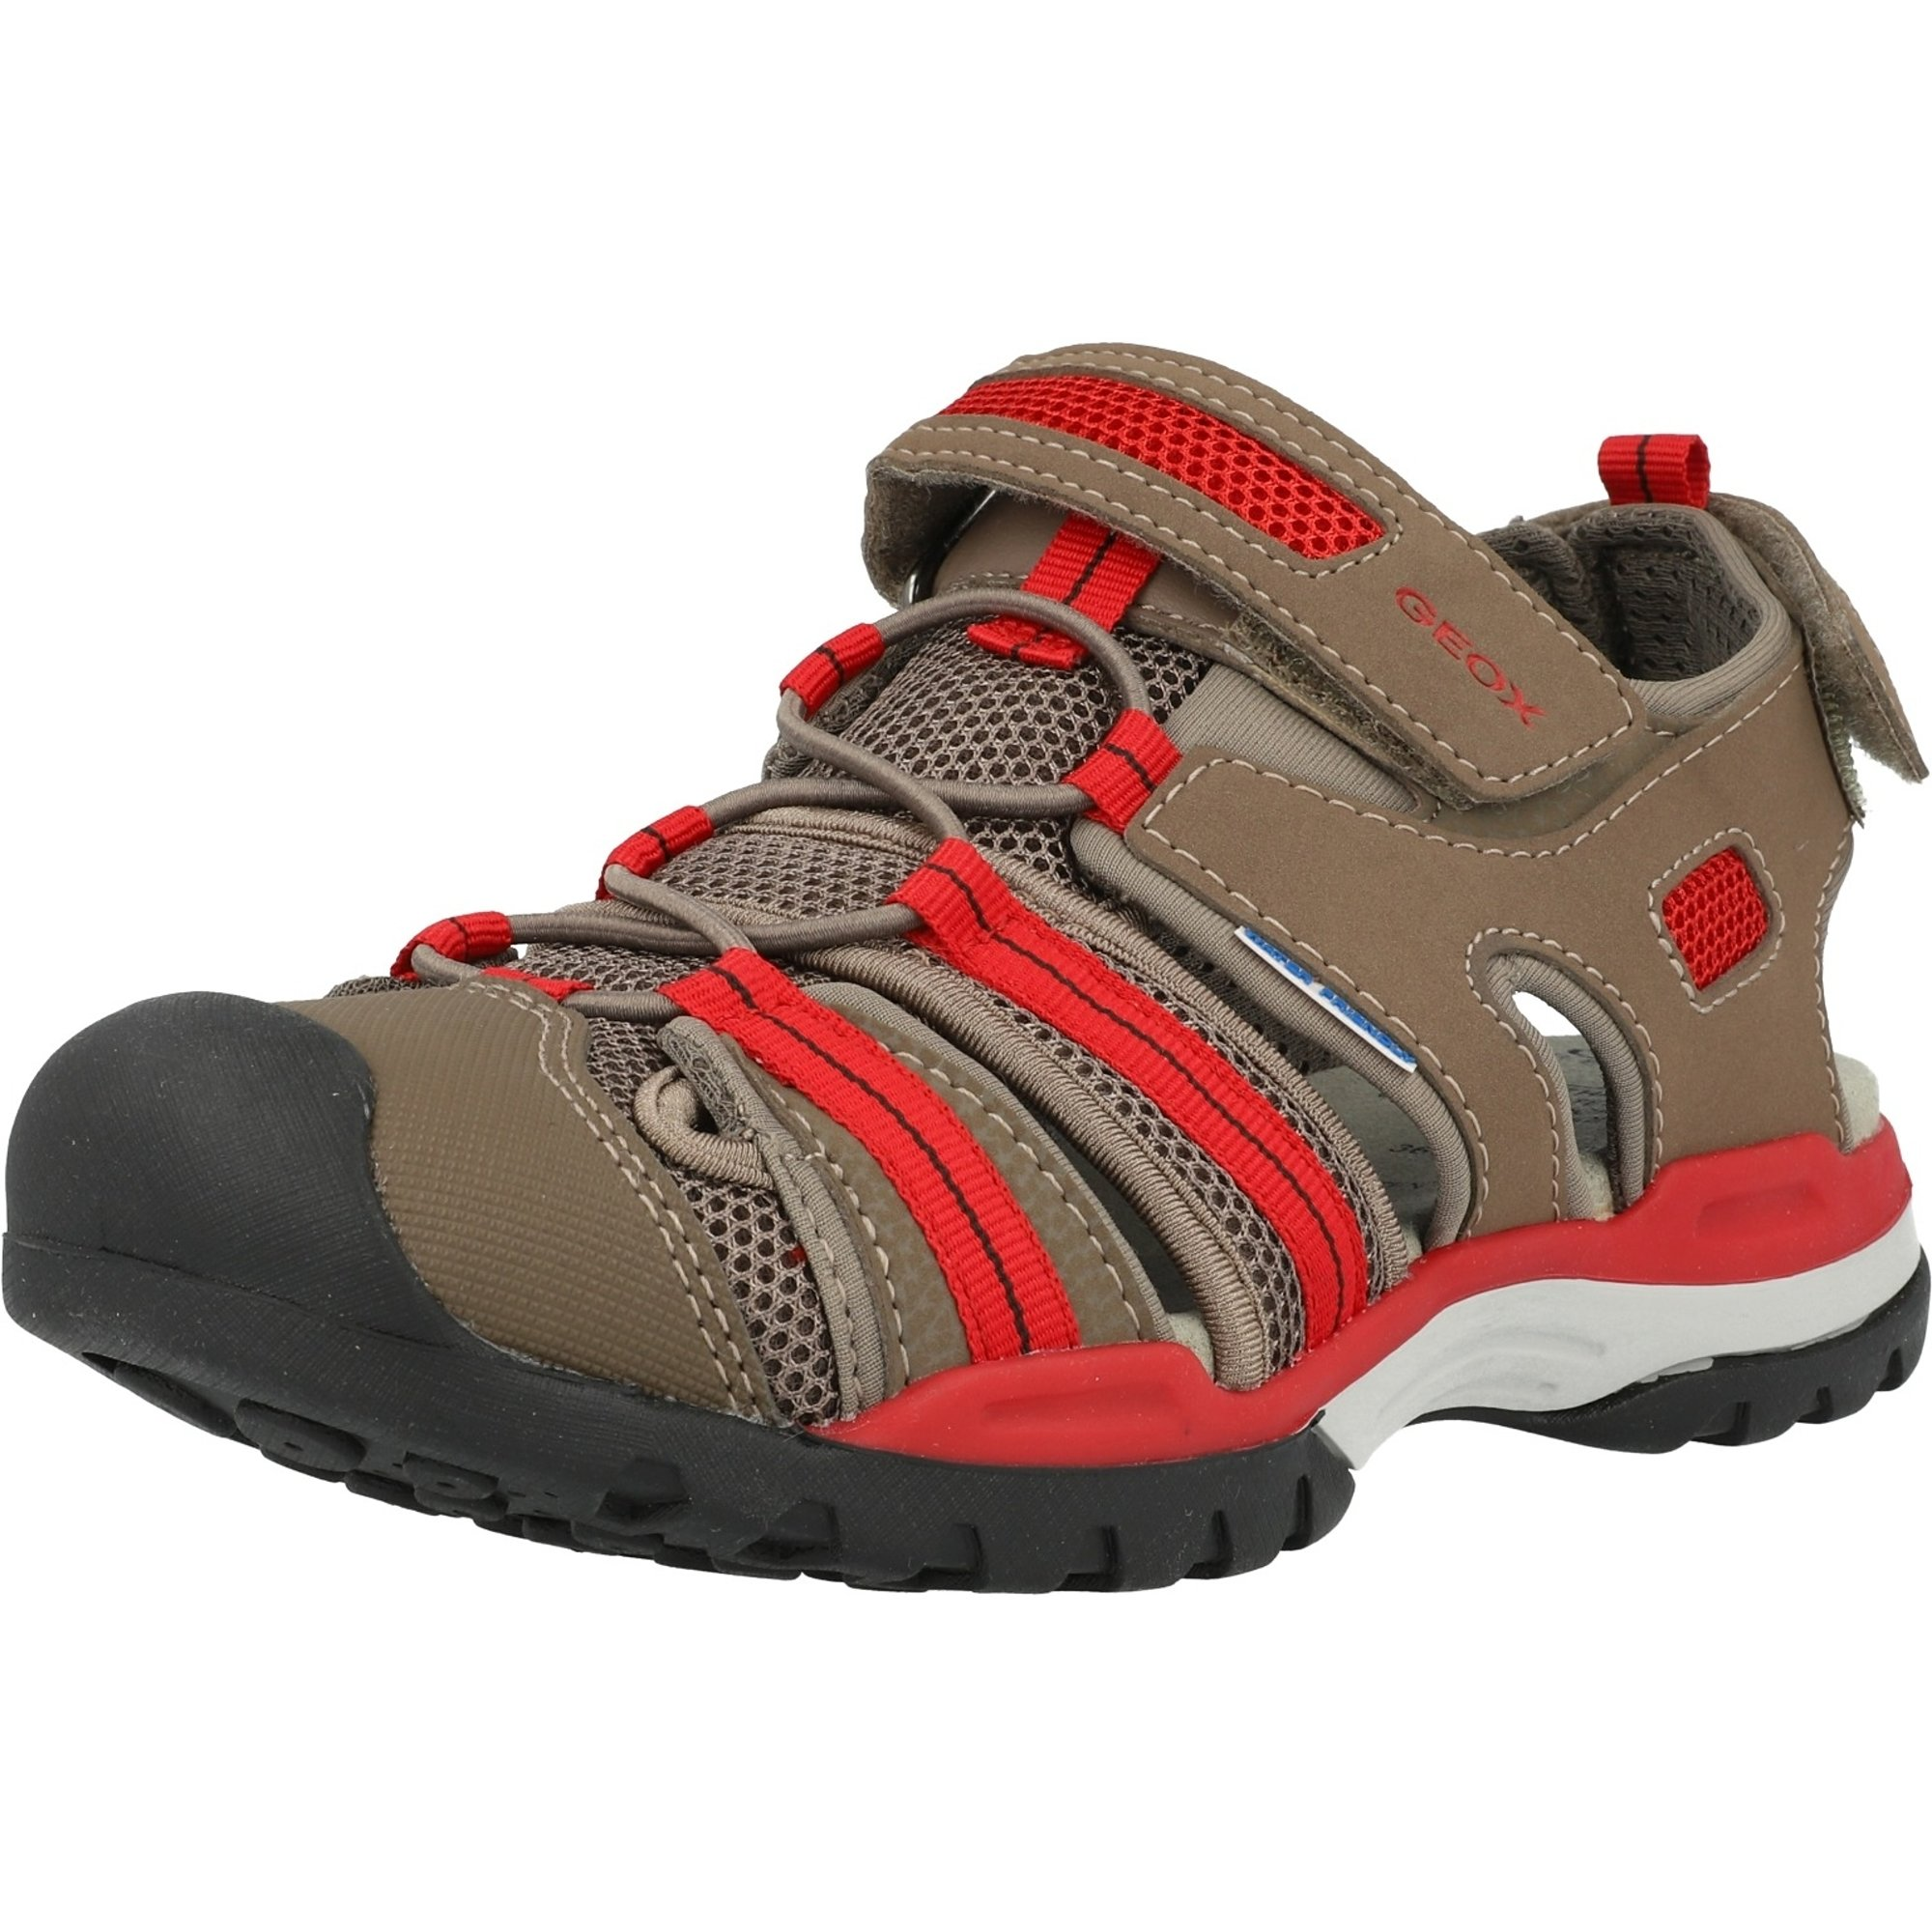 zapatos geox oferta peru